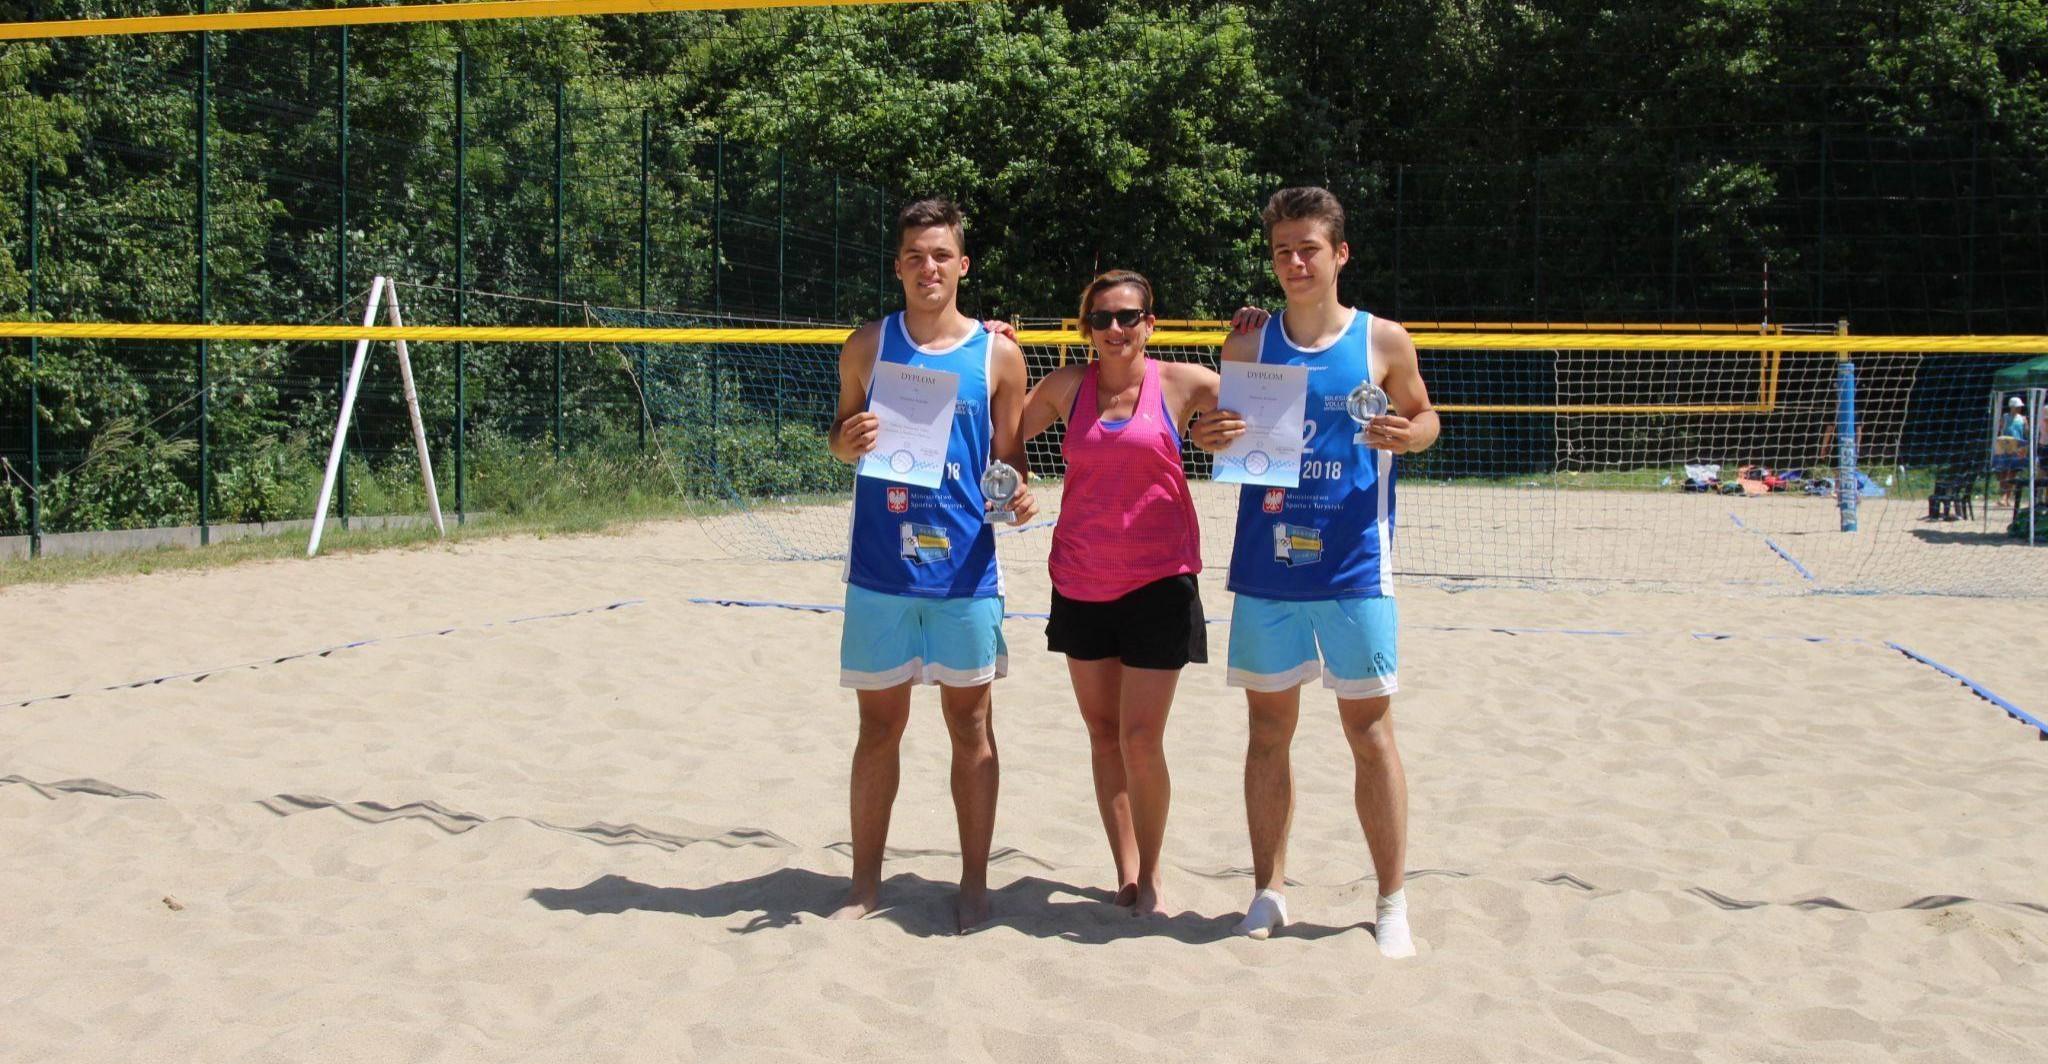 Bracia Bodziak w finale mistrzostw Polski! (ZDJĘCIA)